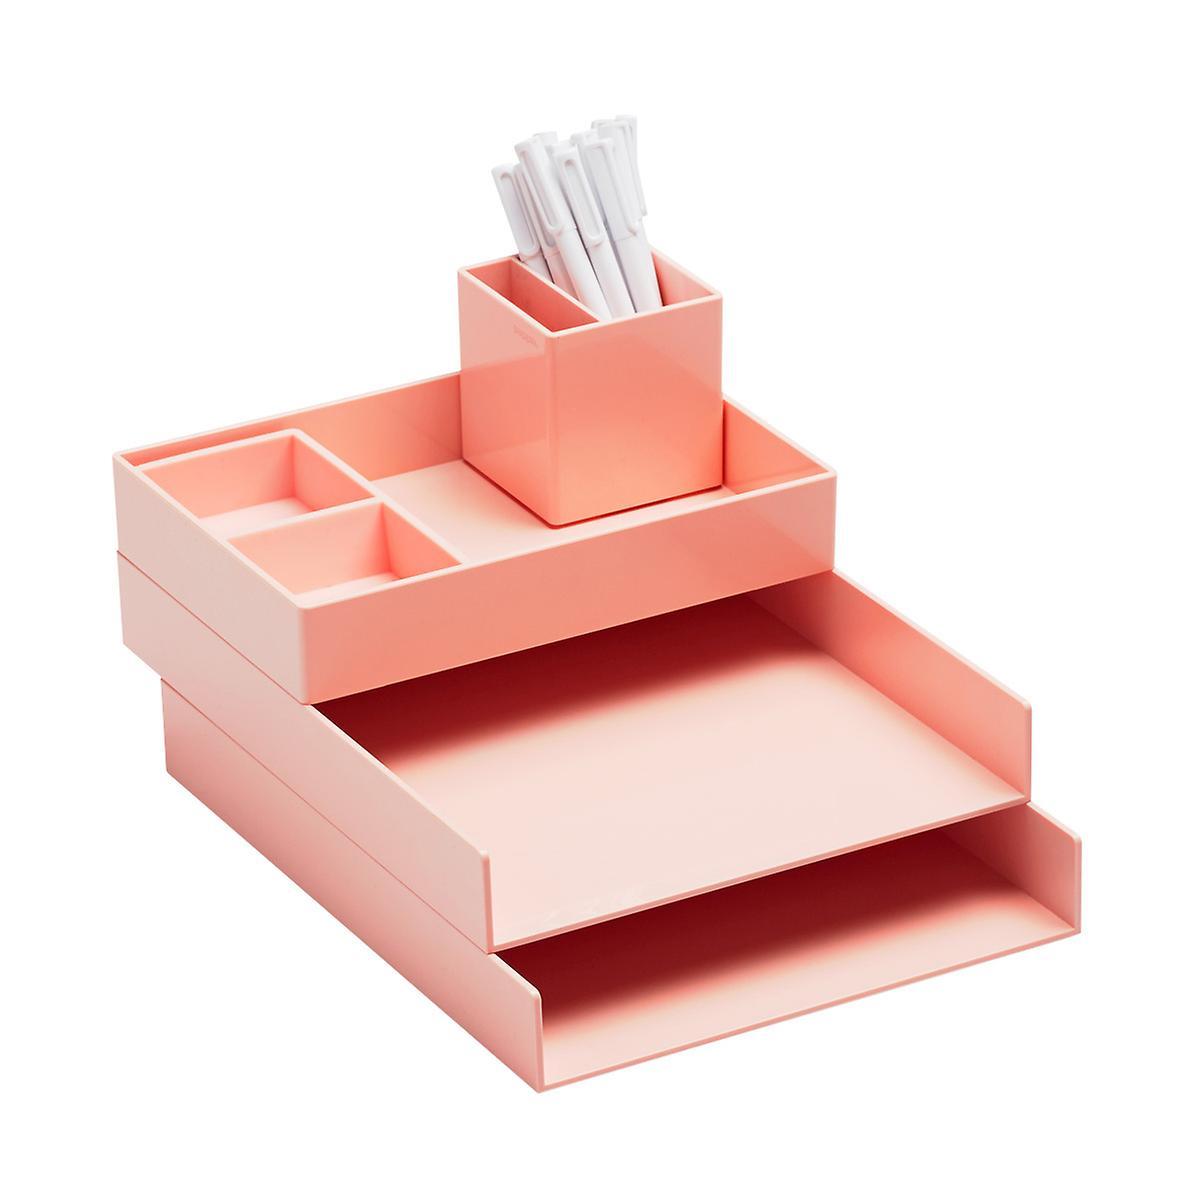 Blush Poppin Letter Tray Starter Kit